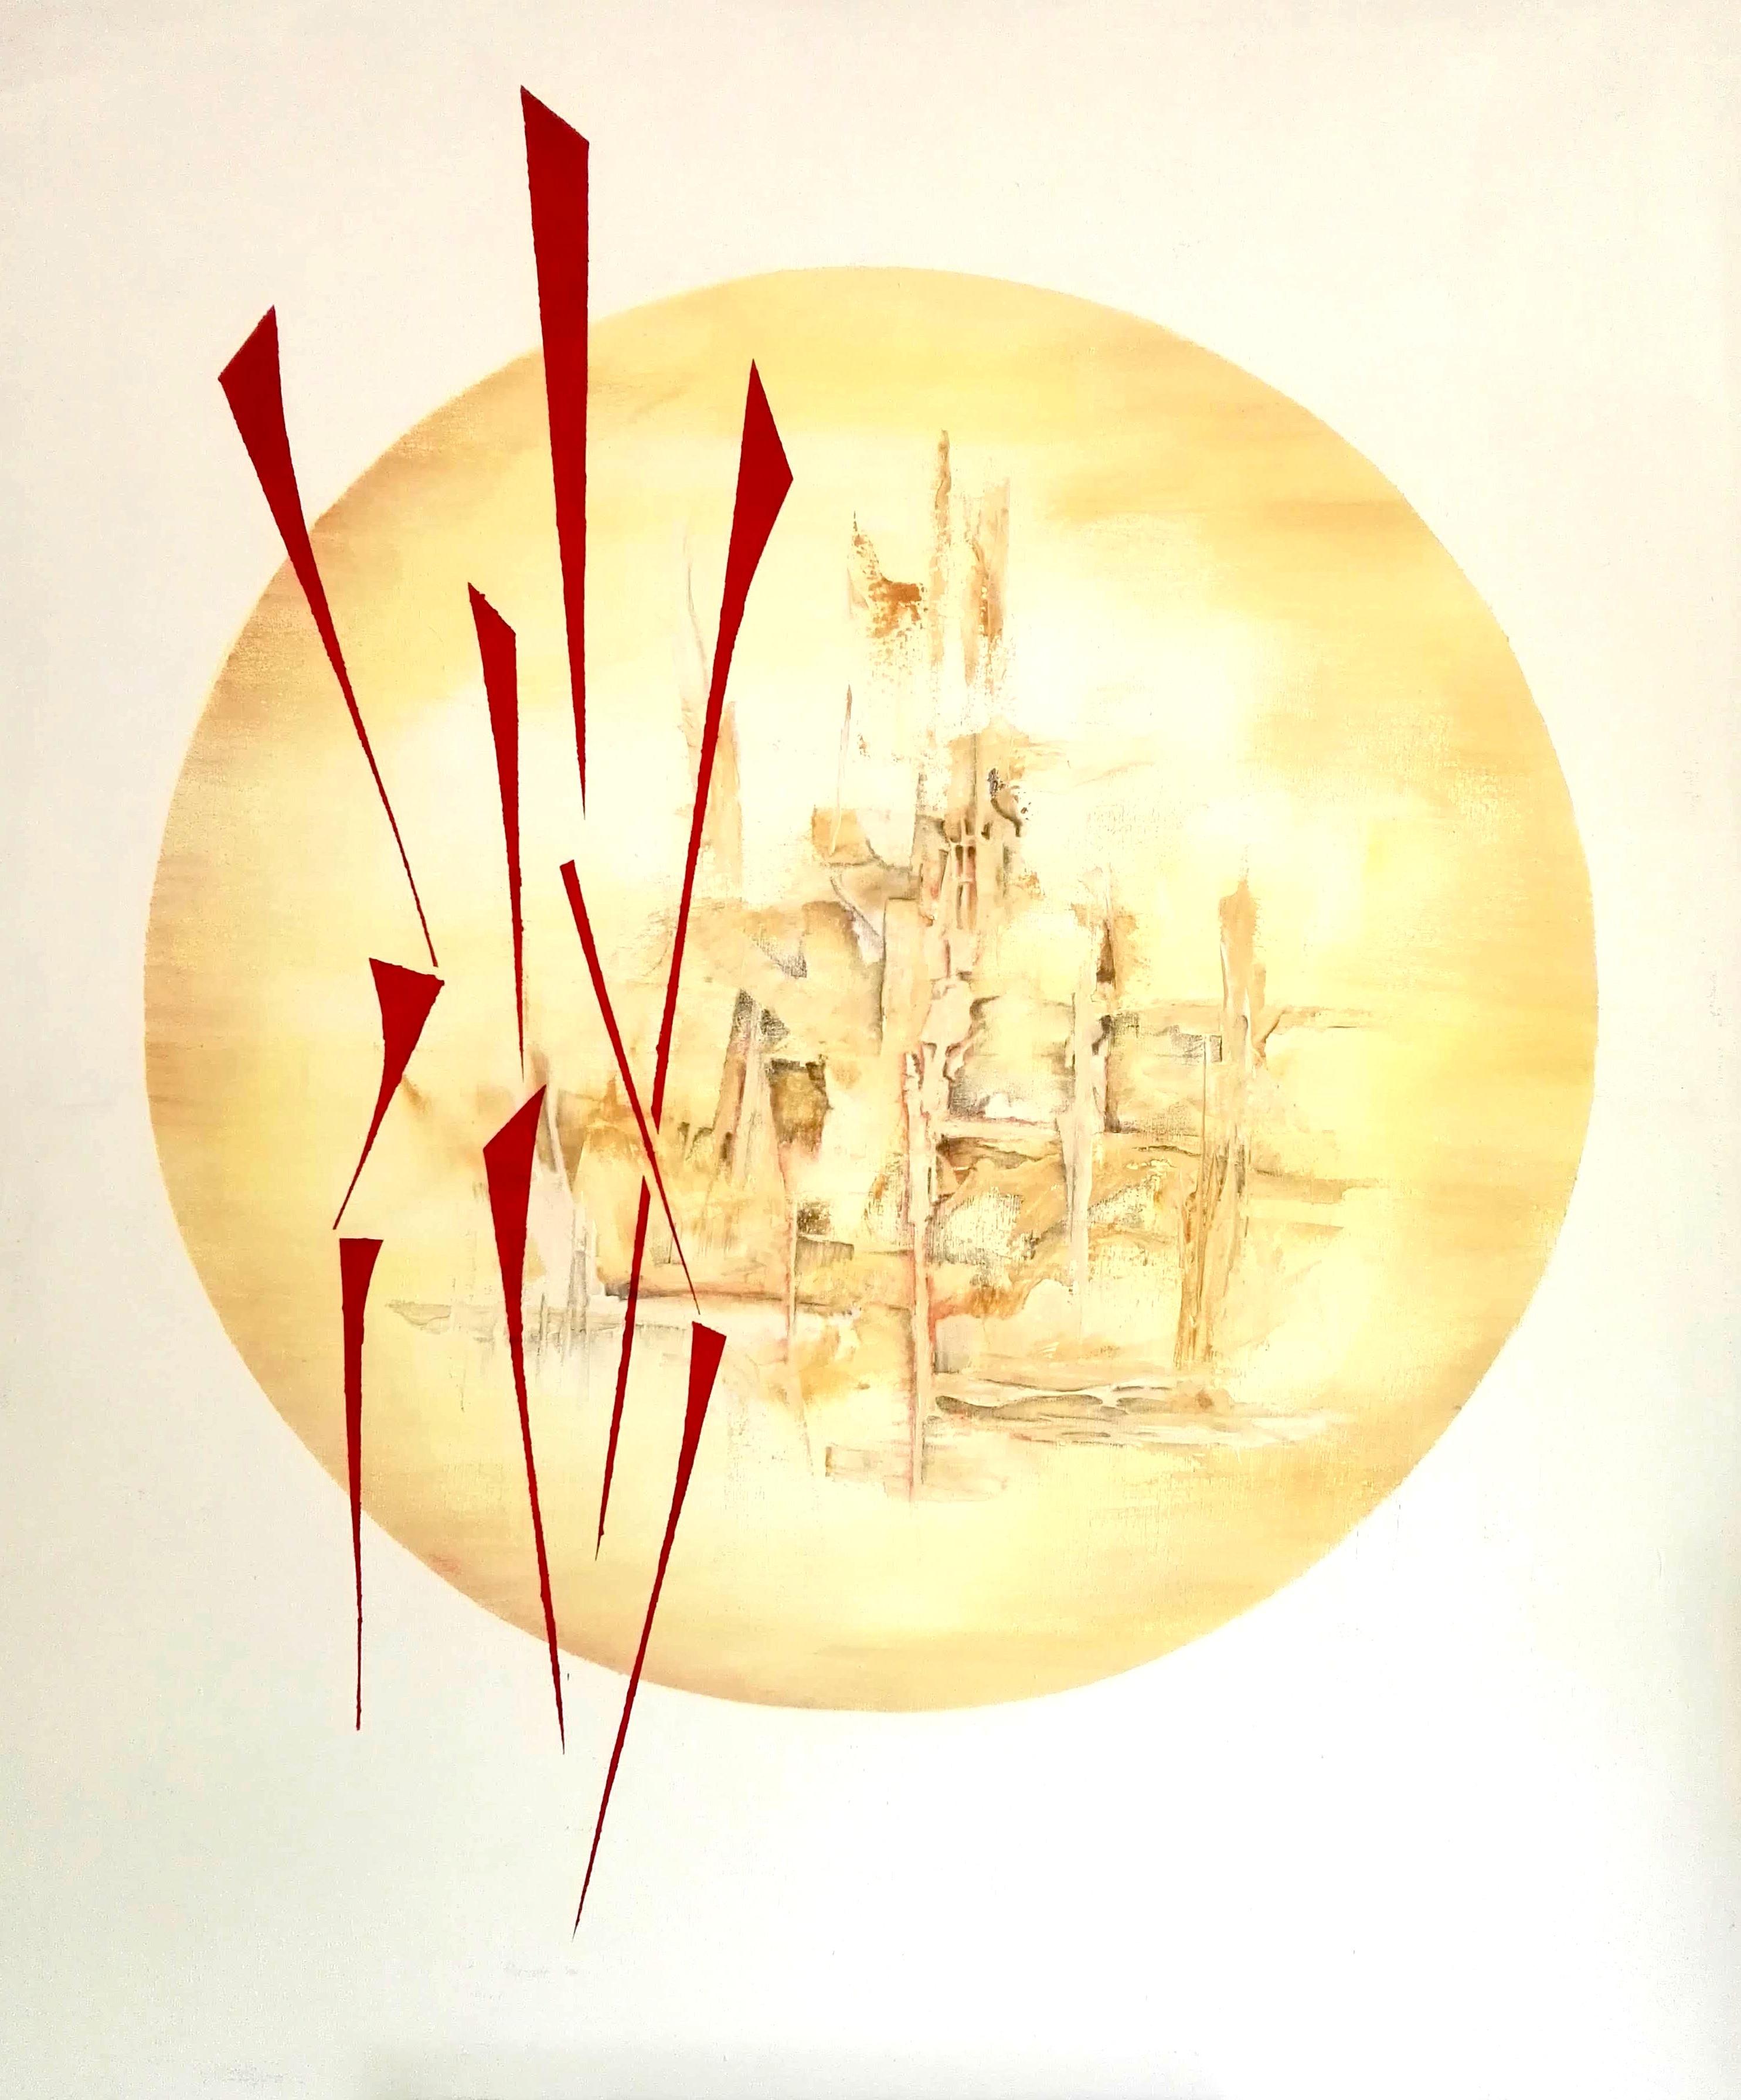 """Georg Jenisch, """"Gott und Teufel"""", 2018, Acryl und Bleistift auf Leinwand, 120x100cm"""